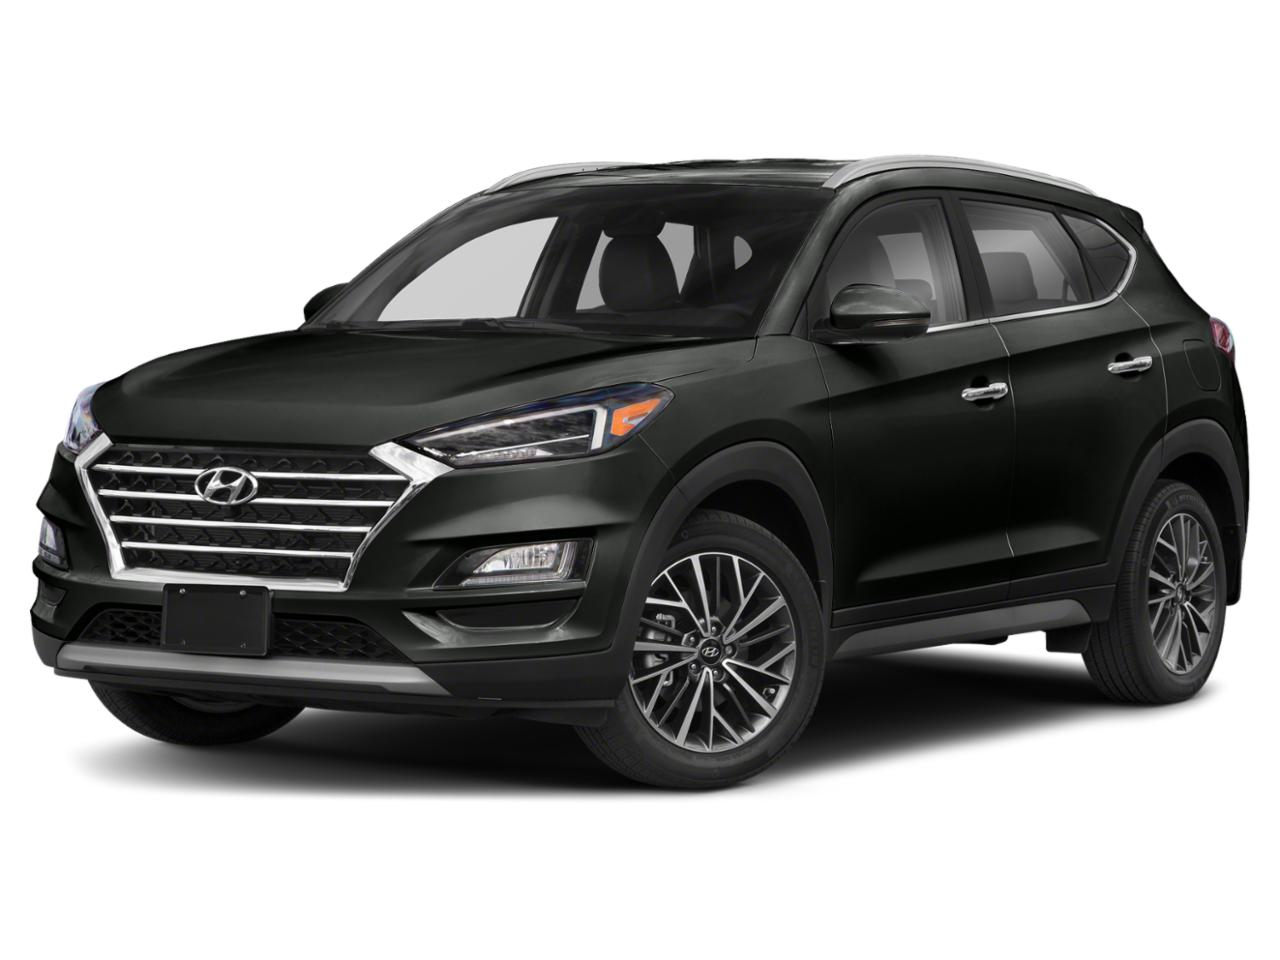 2020 Hyundai Tucson Vehicle Photo in O'Fallon, IL 62269